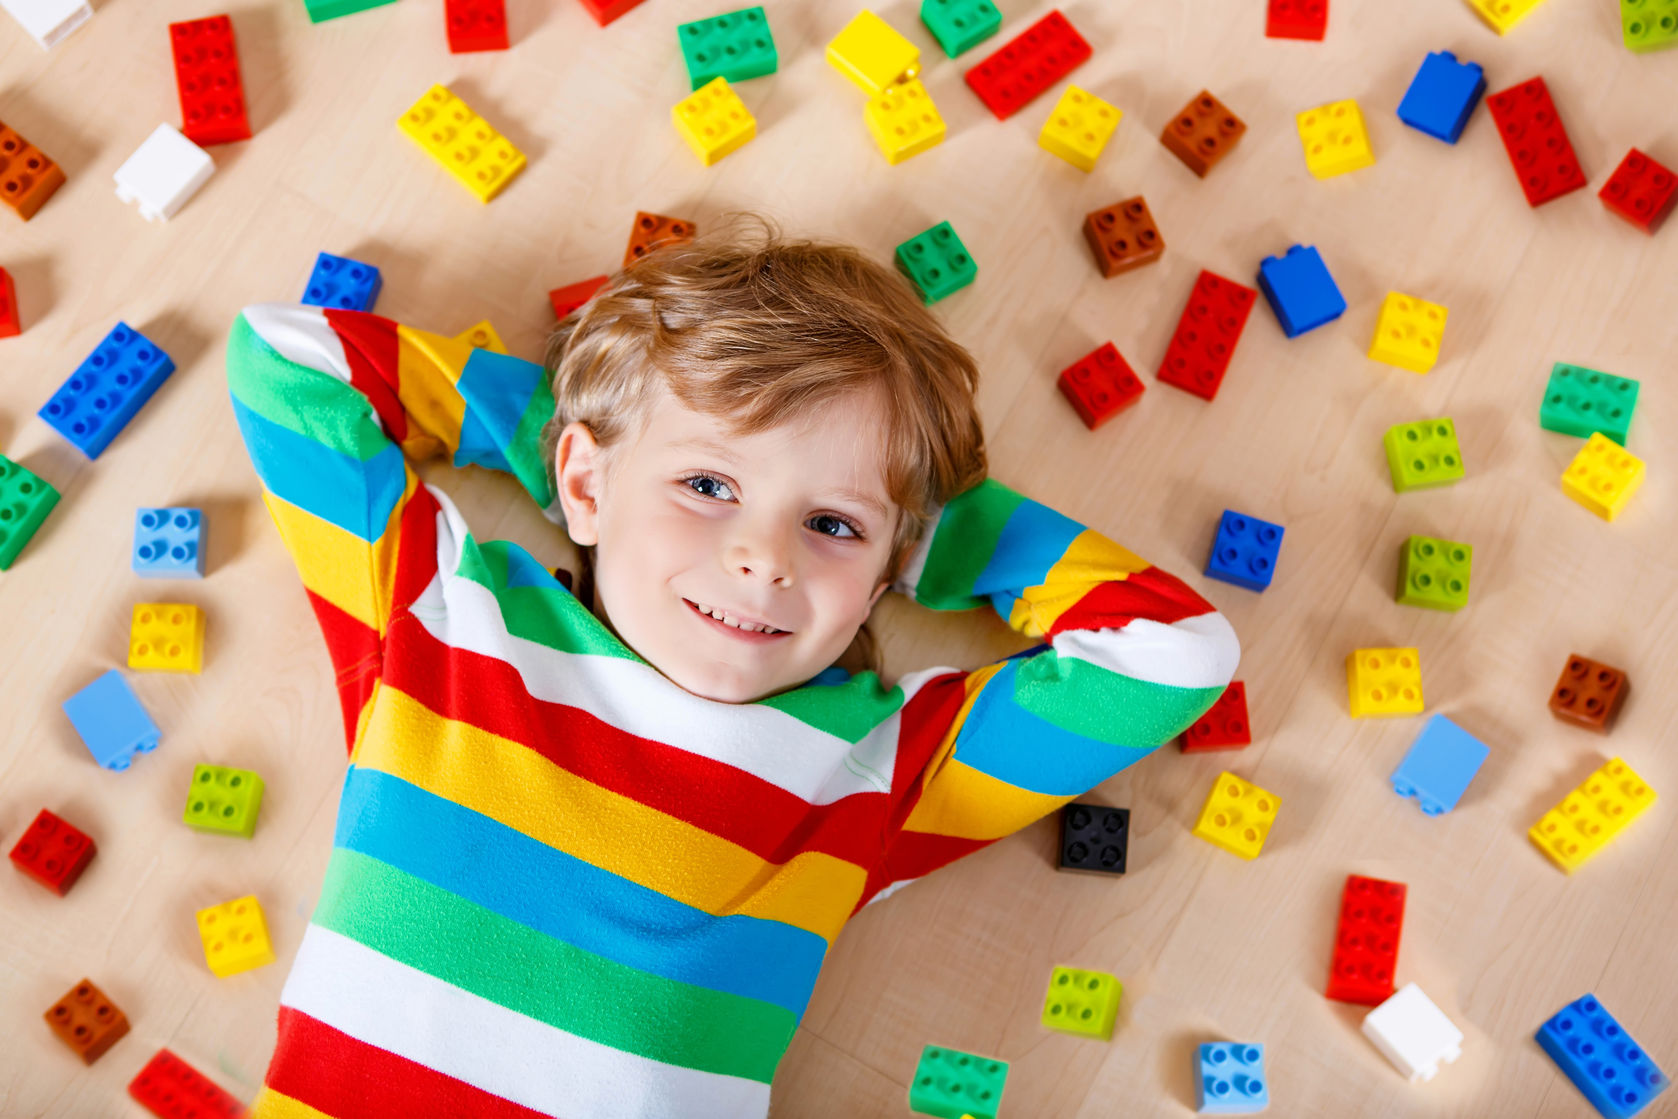 5 redenen om kinderen met lego te laten spelen